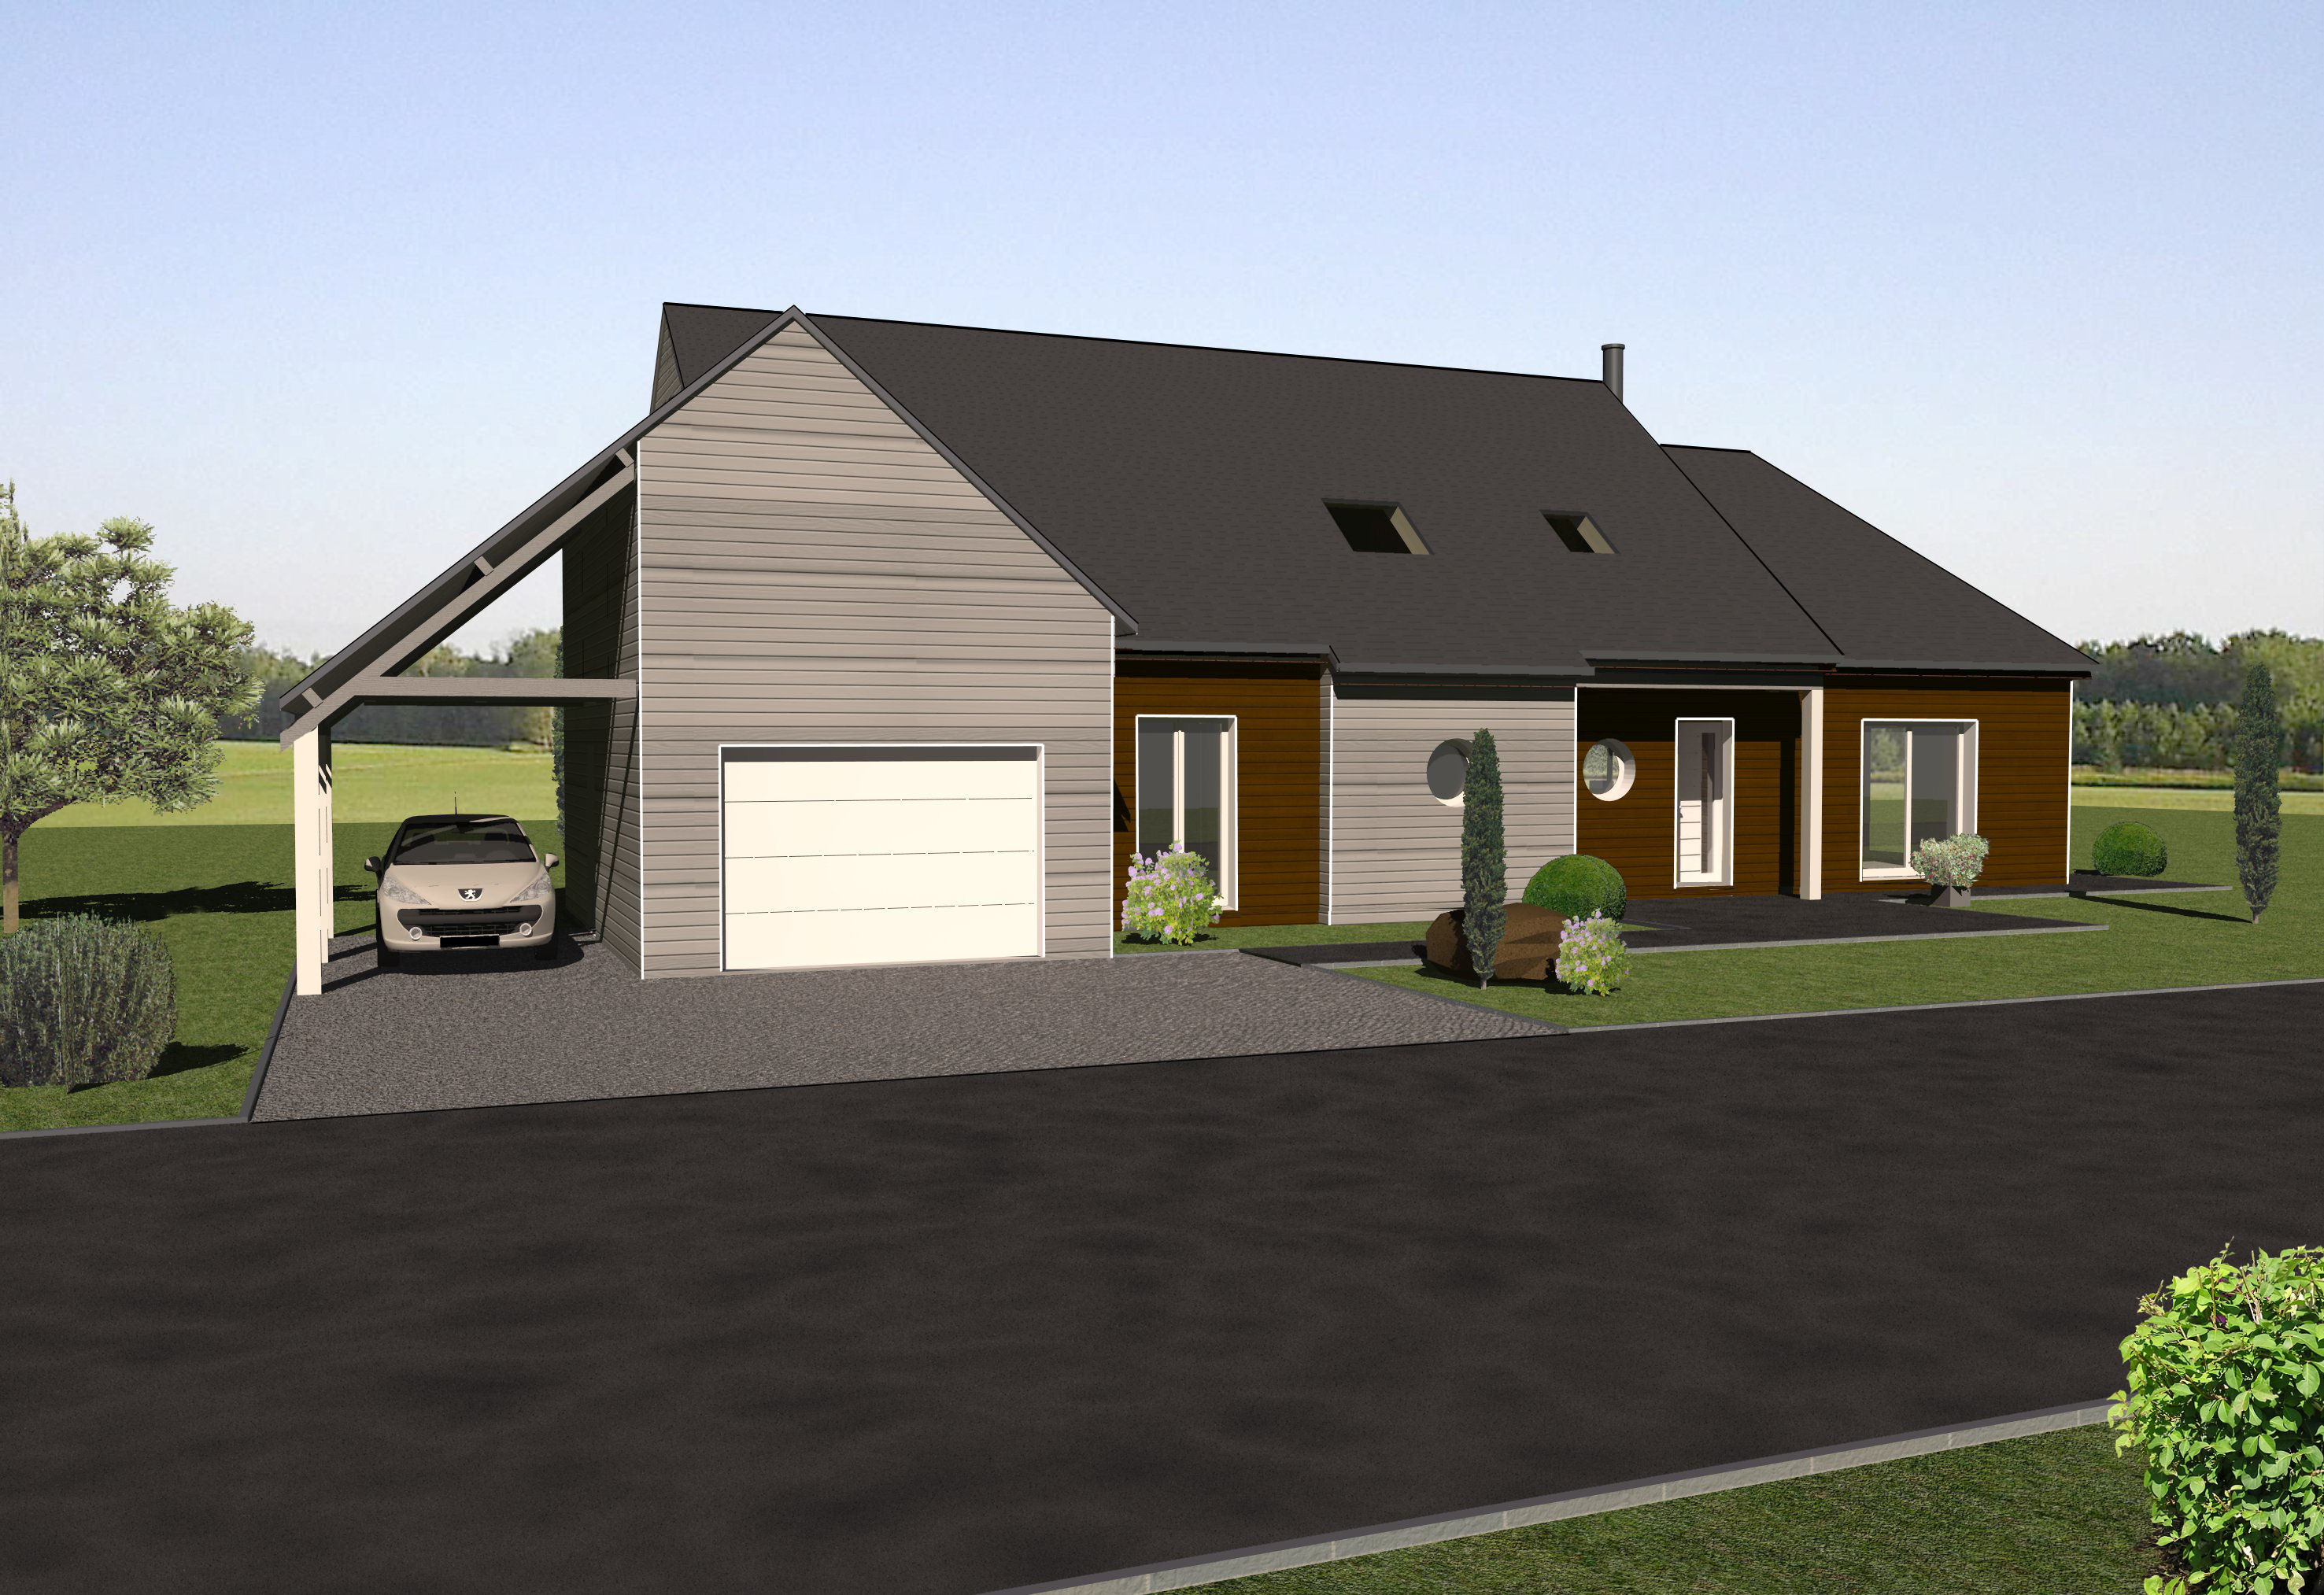 Les maisons ossature bois tages mod le hetre bois et vie for Modele maison ossature bois